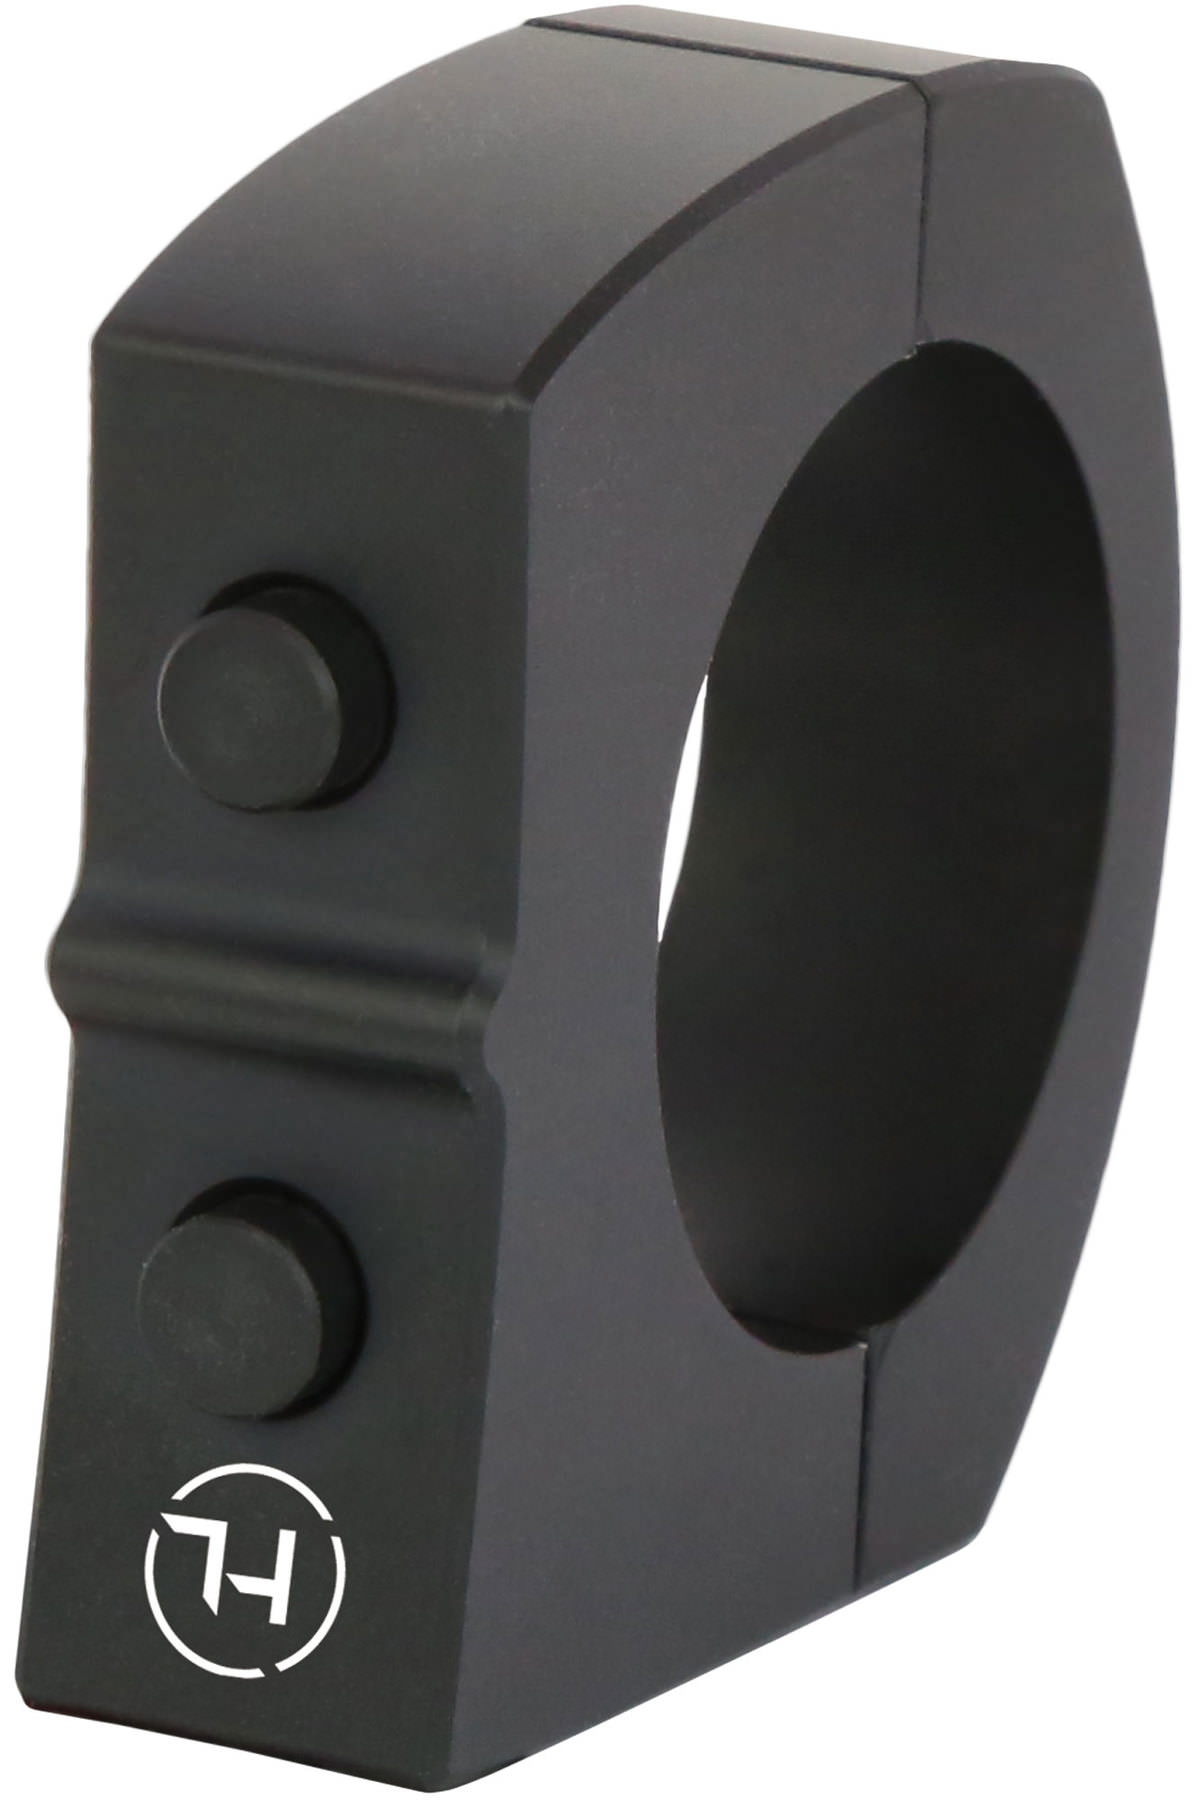 HIGHSIDER CNC Tasterschalter mit 2 Taster Aluminium schwarz